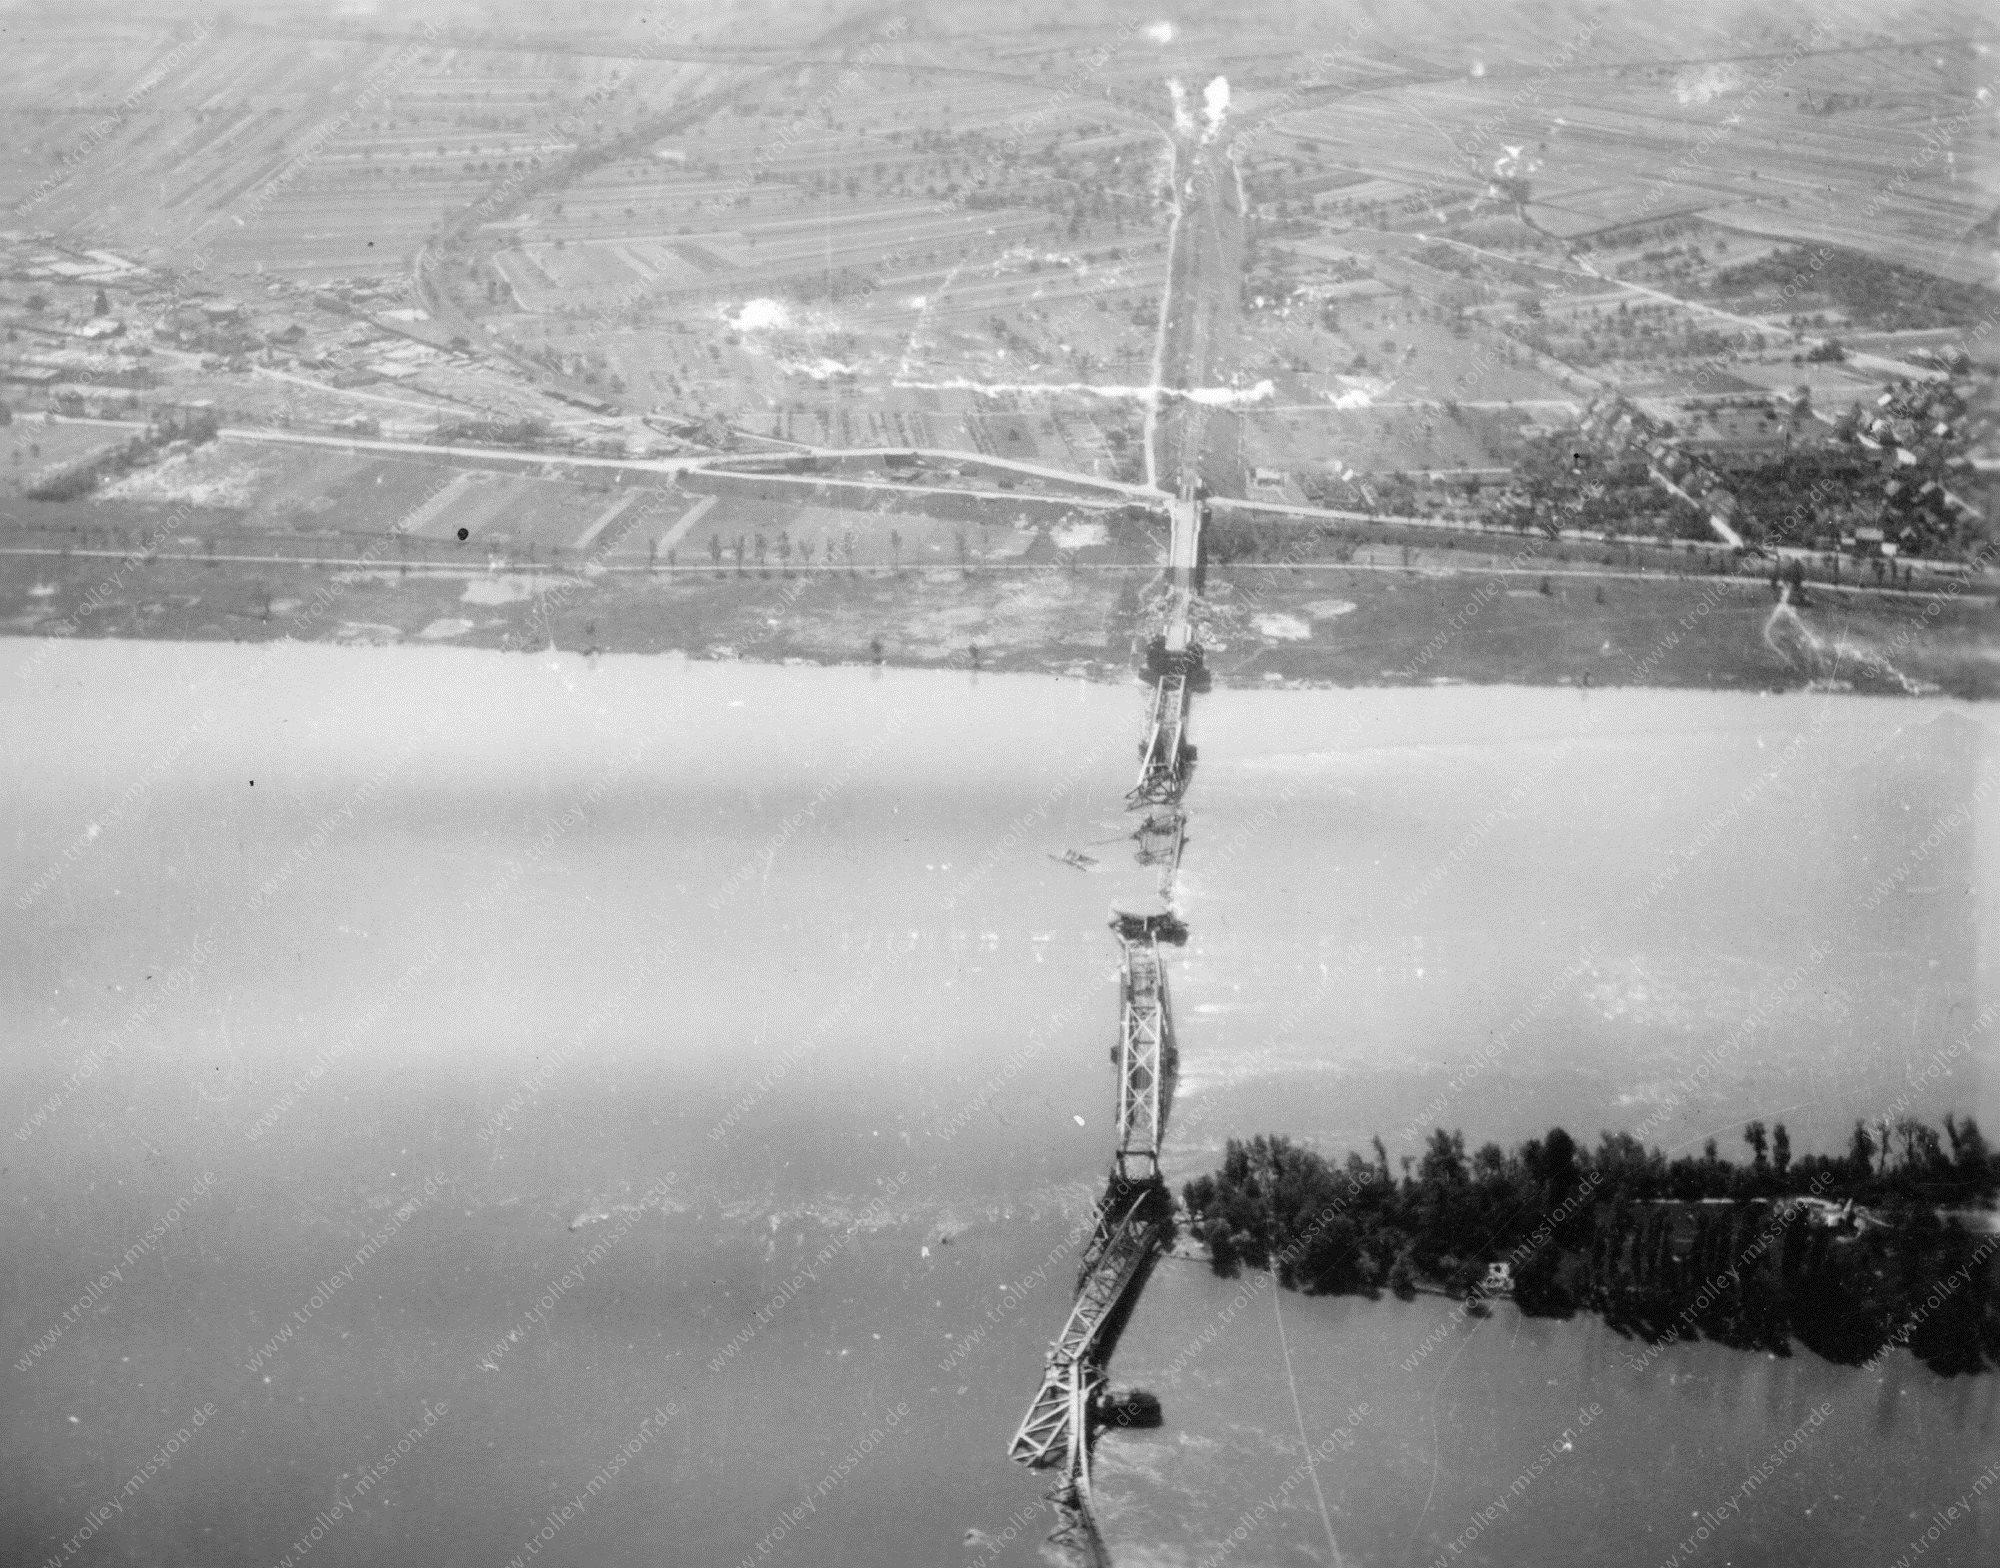 Luftbild der Hindenburgbrücke zwischen Rüdesheim und Bingen am Rhein